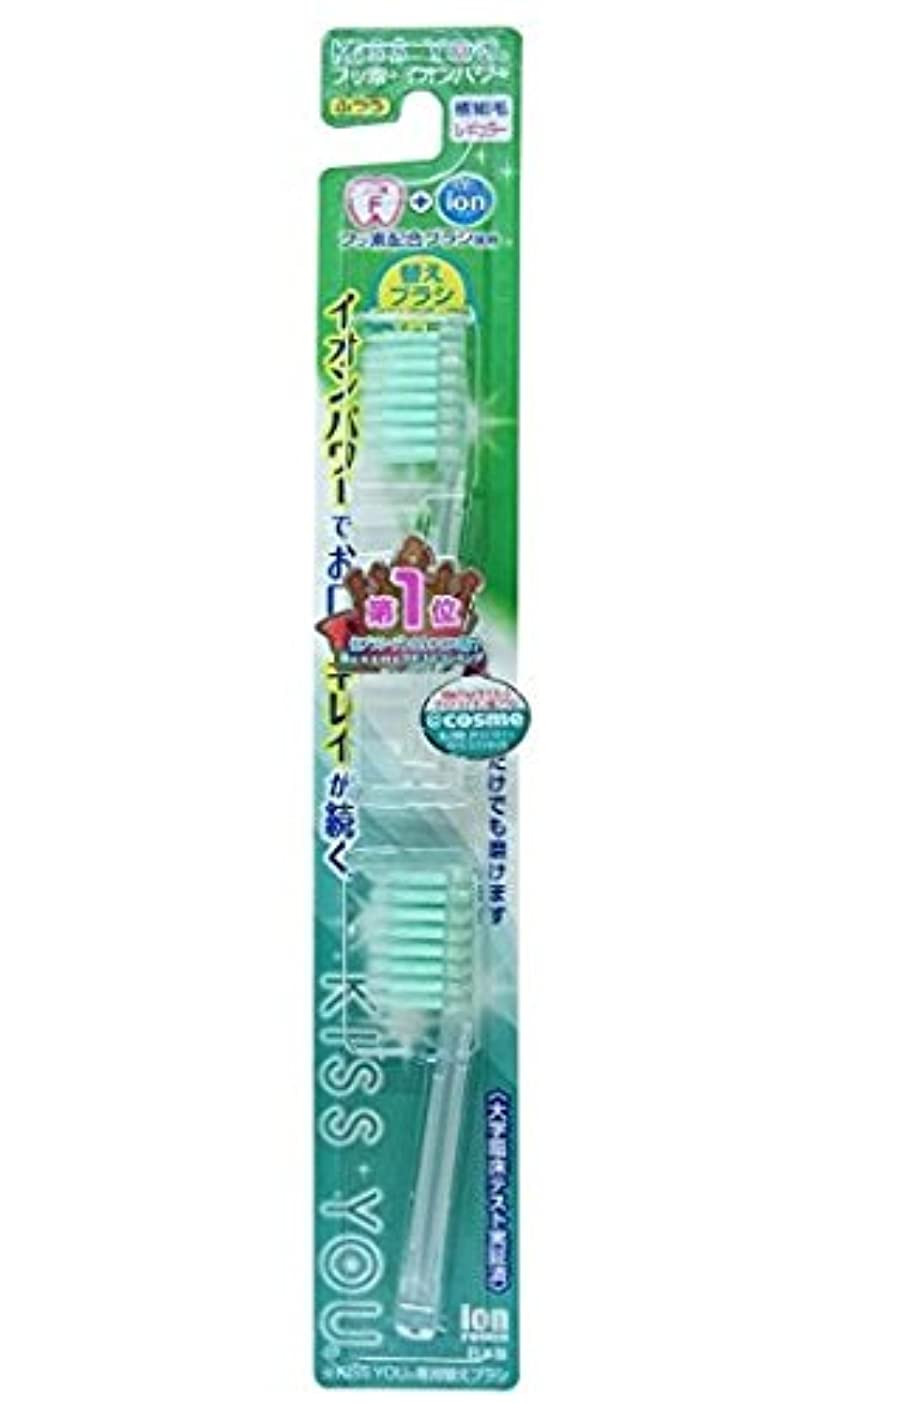 フッ素イオン歯ブラシ極細レギュラー替えブラシふつう × 5個セット